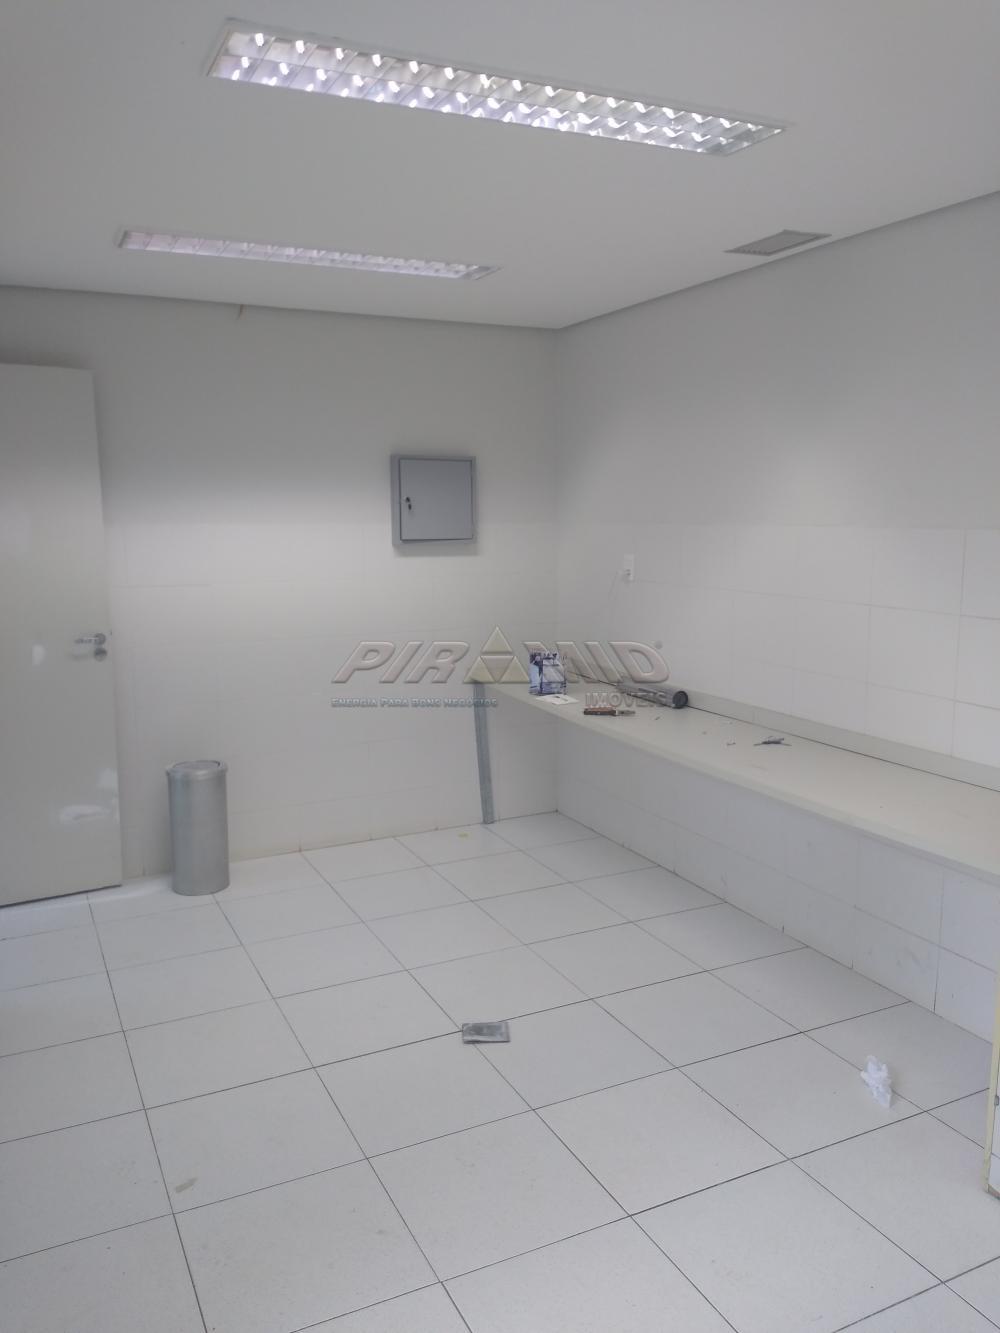 Alugar Comercial / Prédio em Ribeirão Preto apenas R$ 16.000,00 - Foto 59